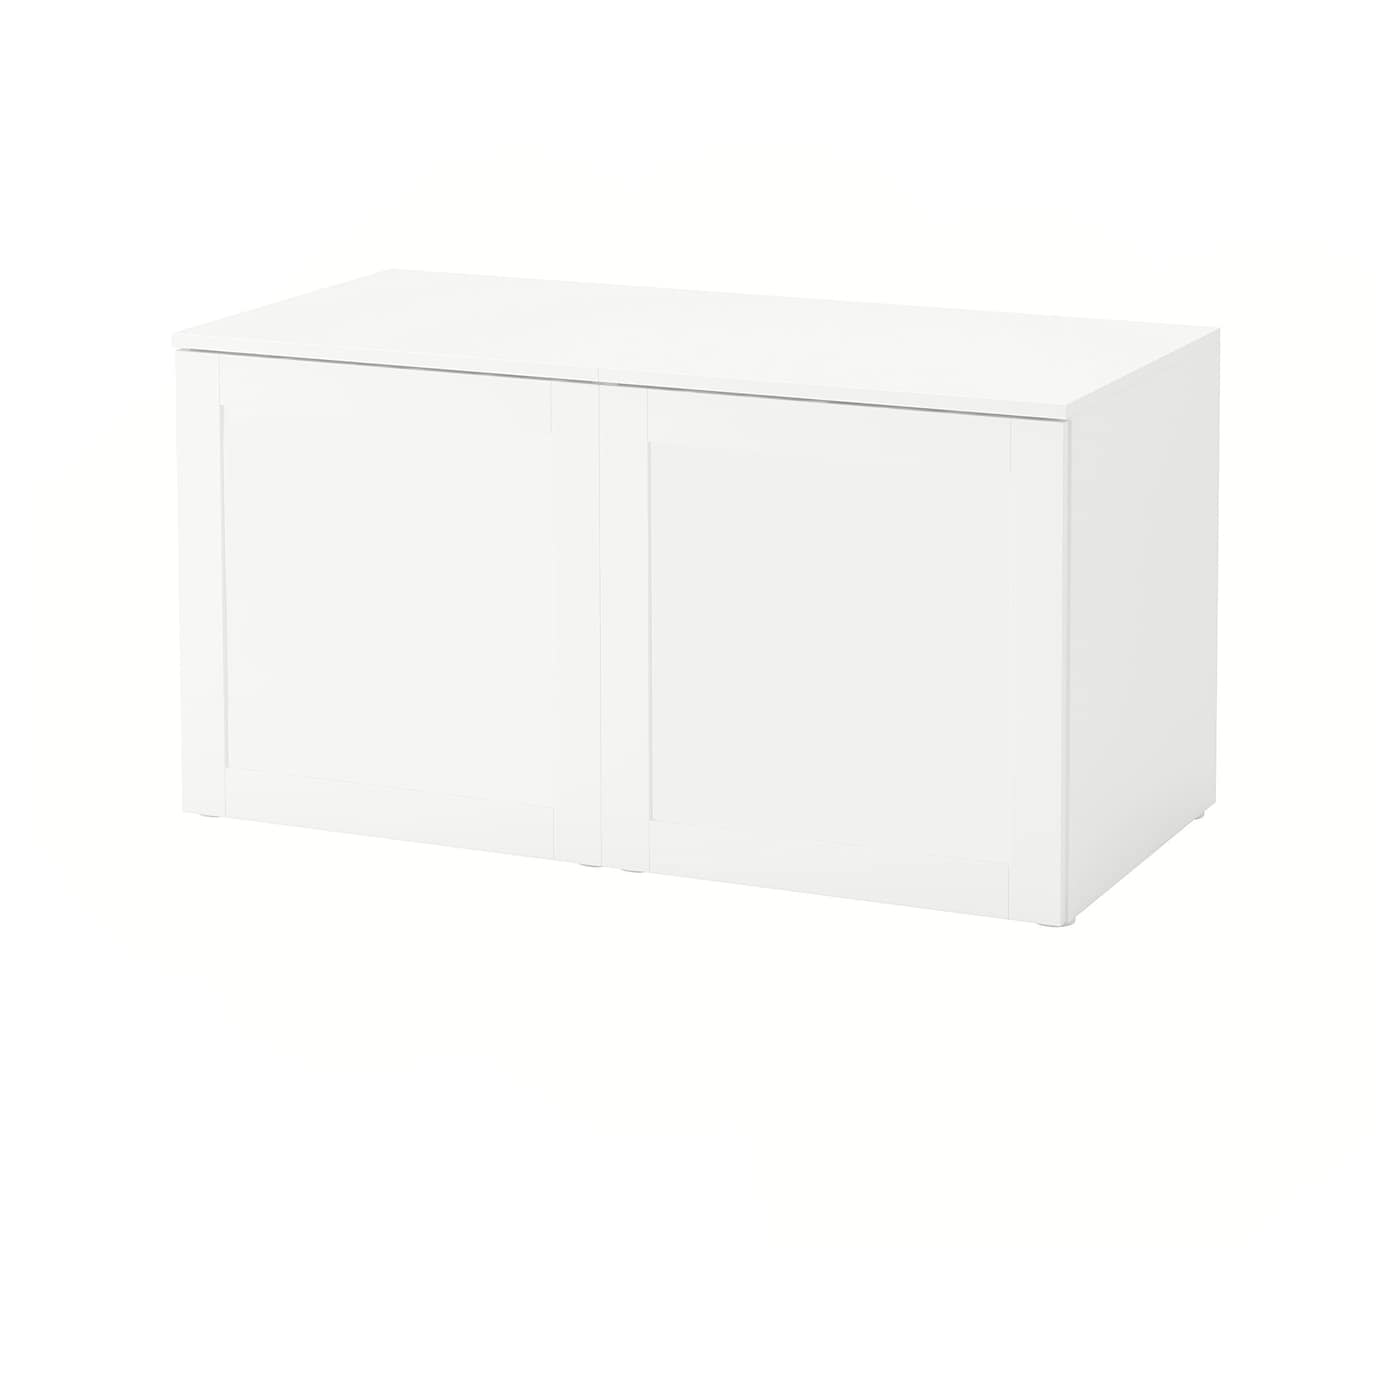 Benk Med Oppbevaring Ikea